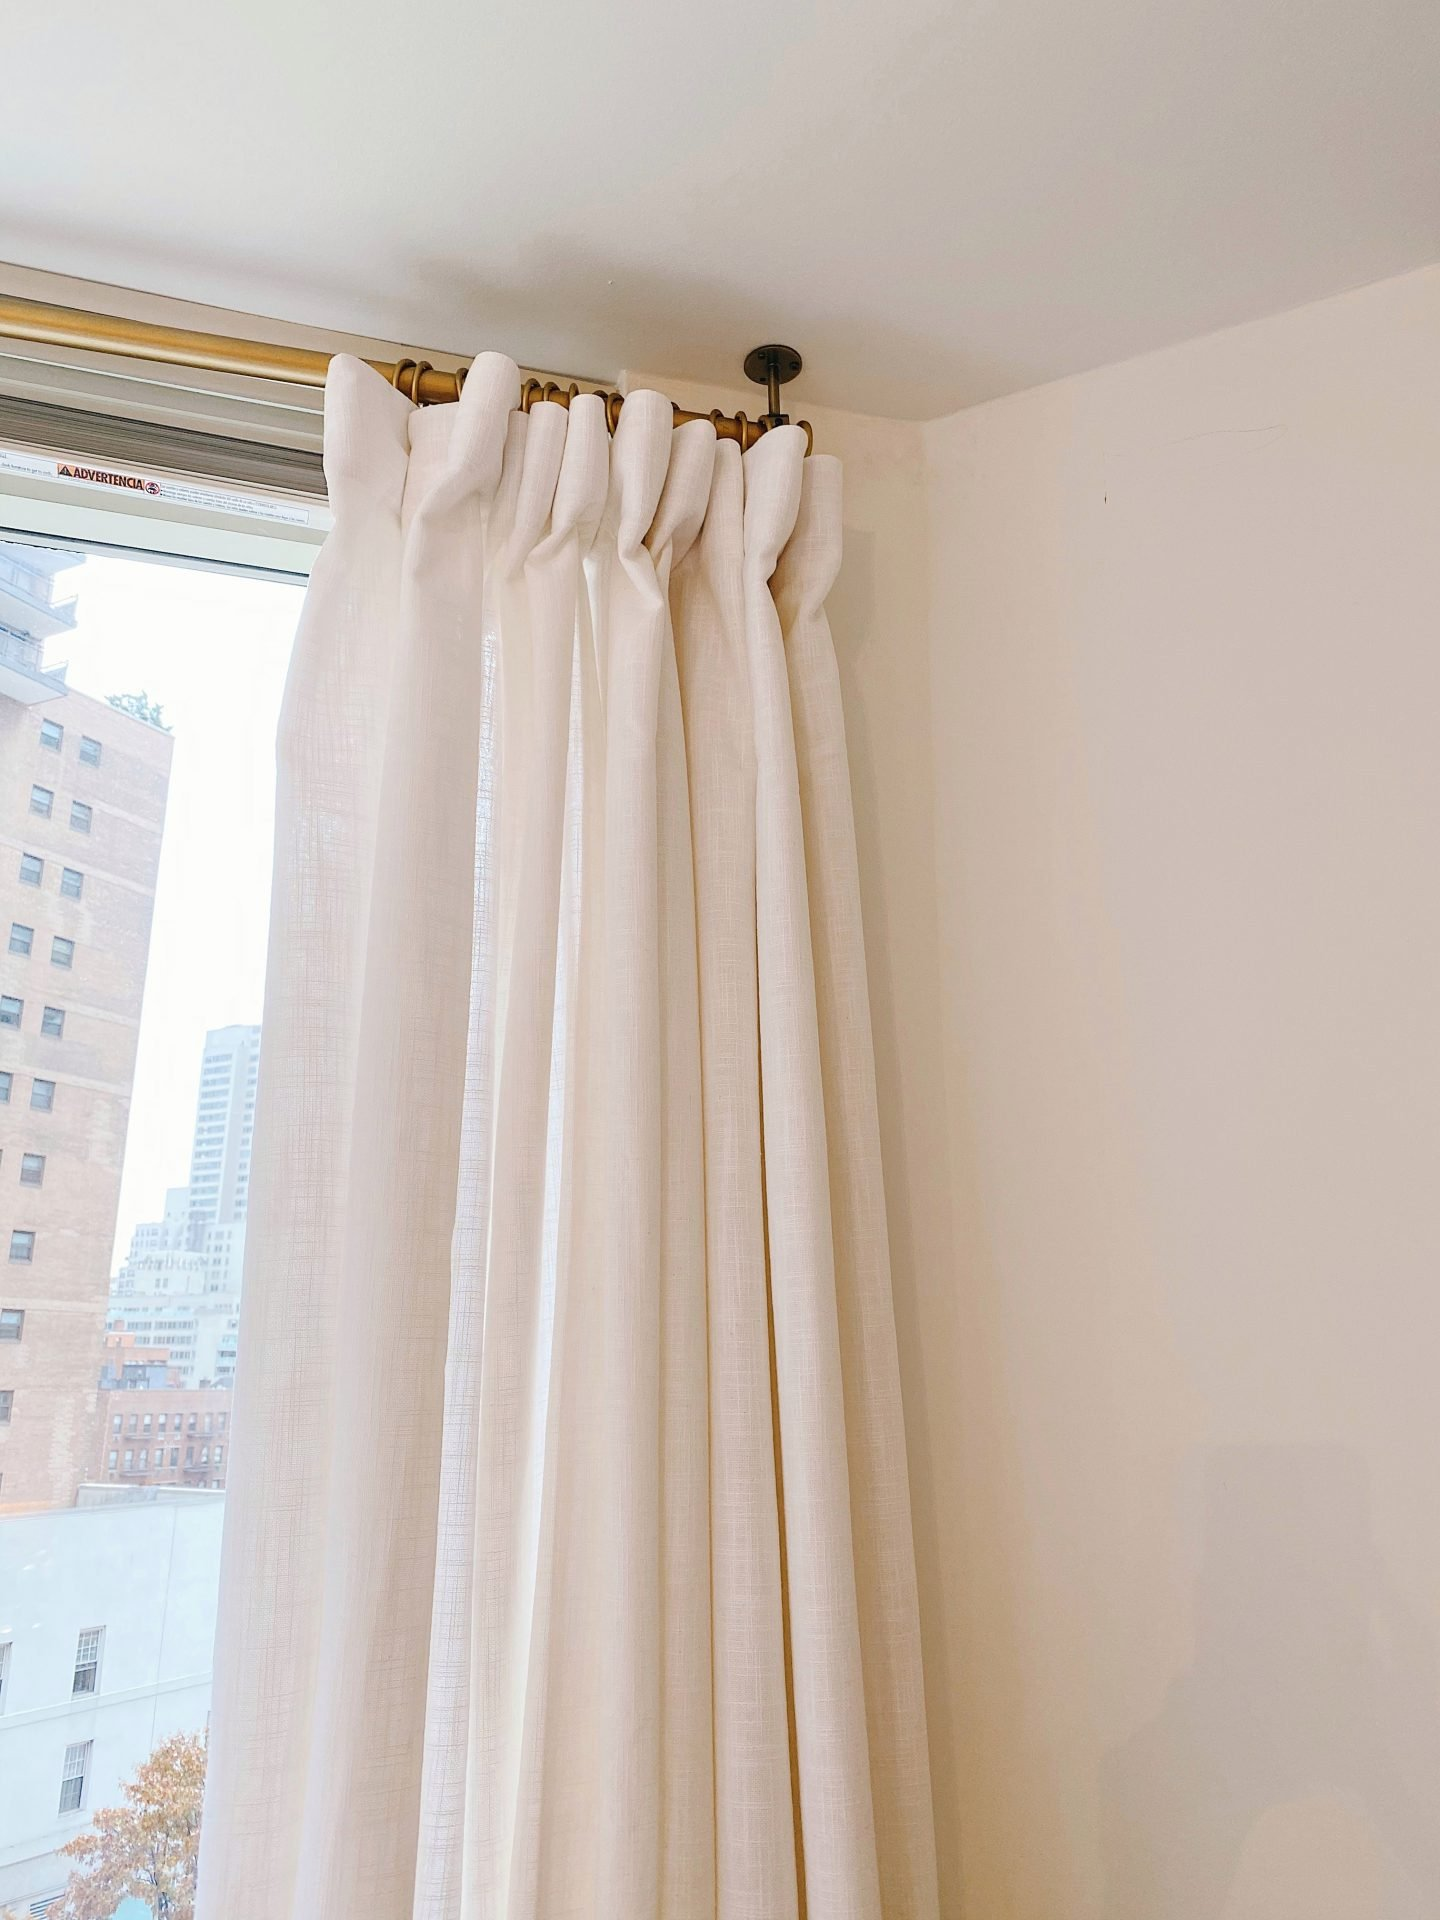 Amazon Prime Home Décor Finds Faux Linen Curtains